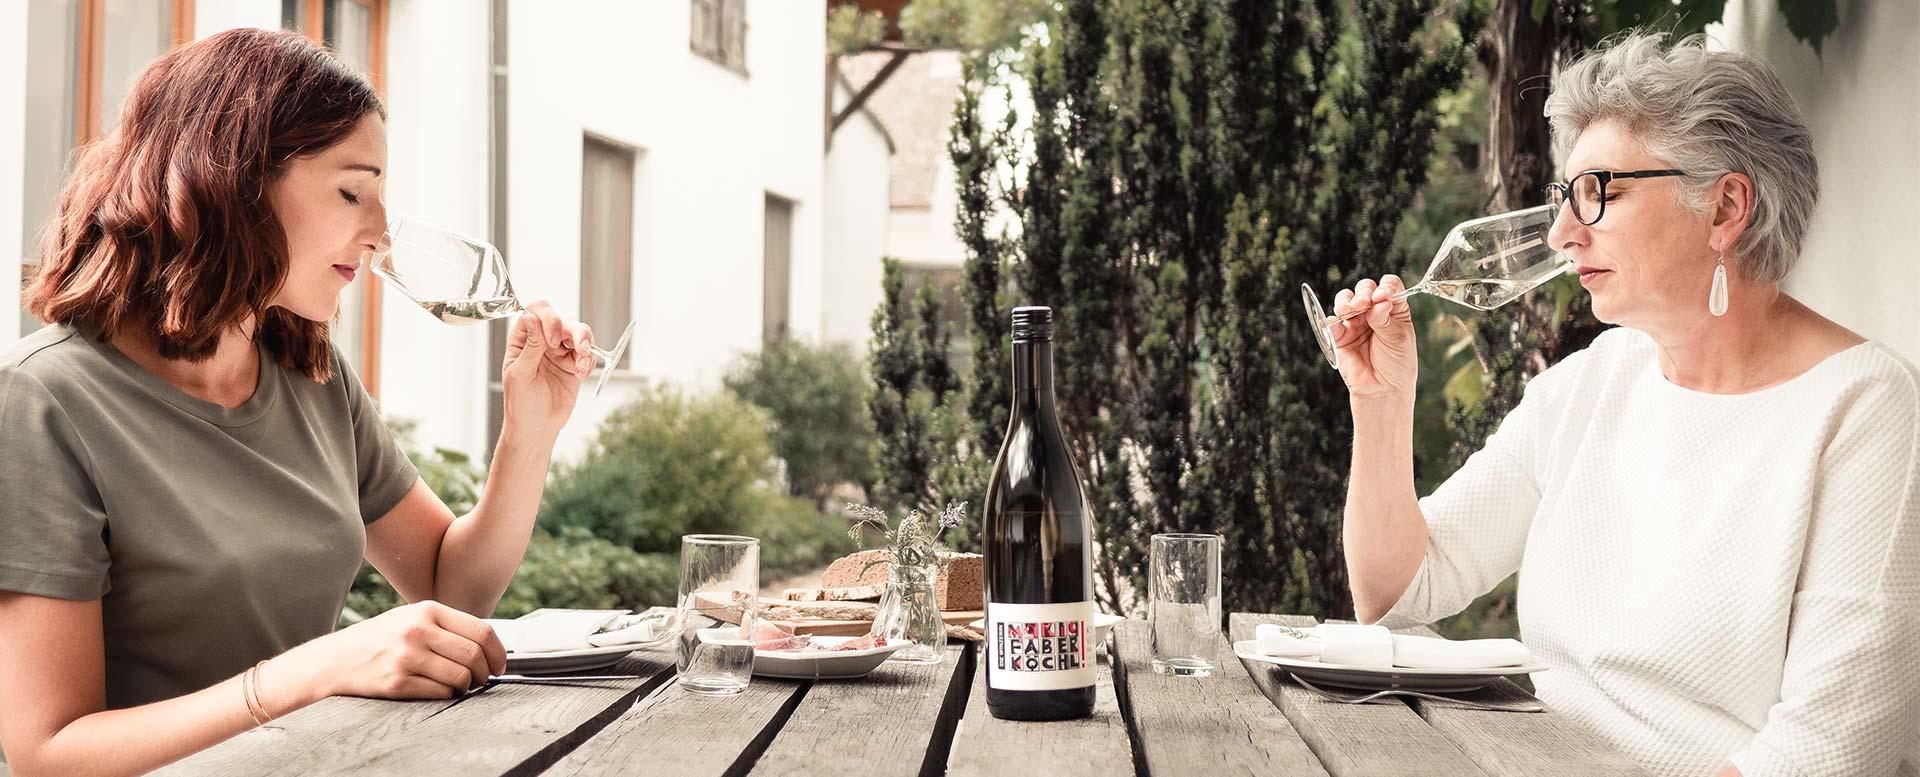 Anna Faber und Maria Faber-Köchl riechen an Glas Wein